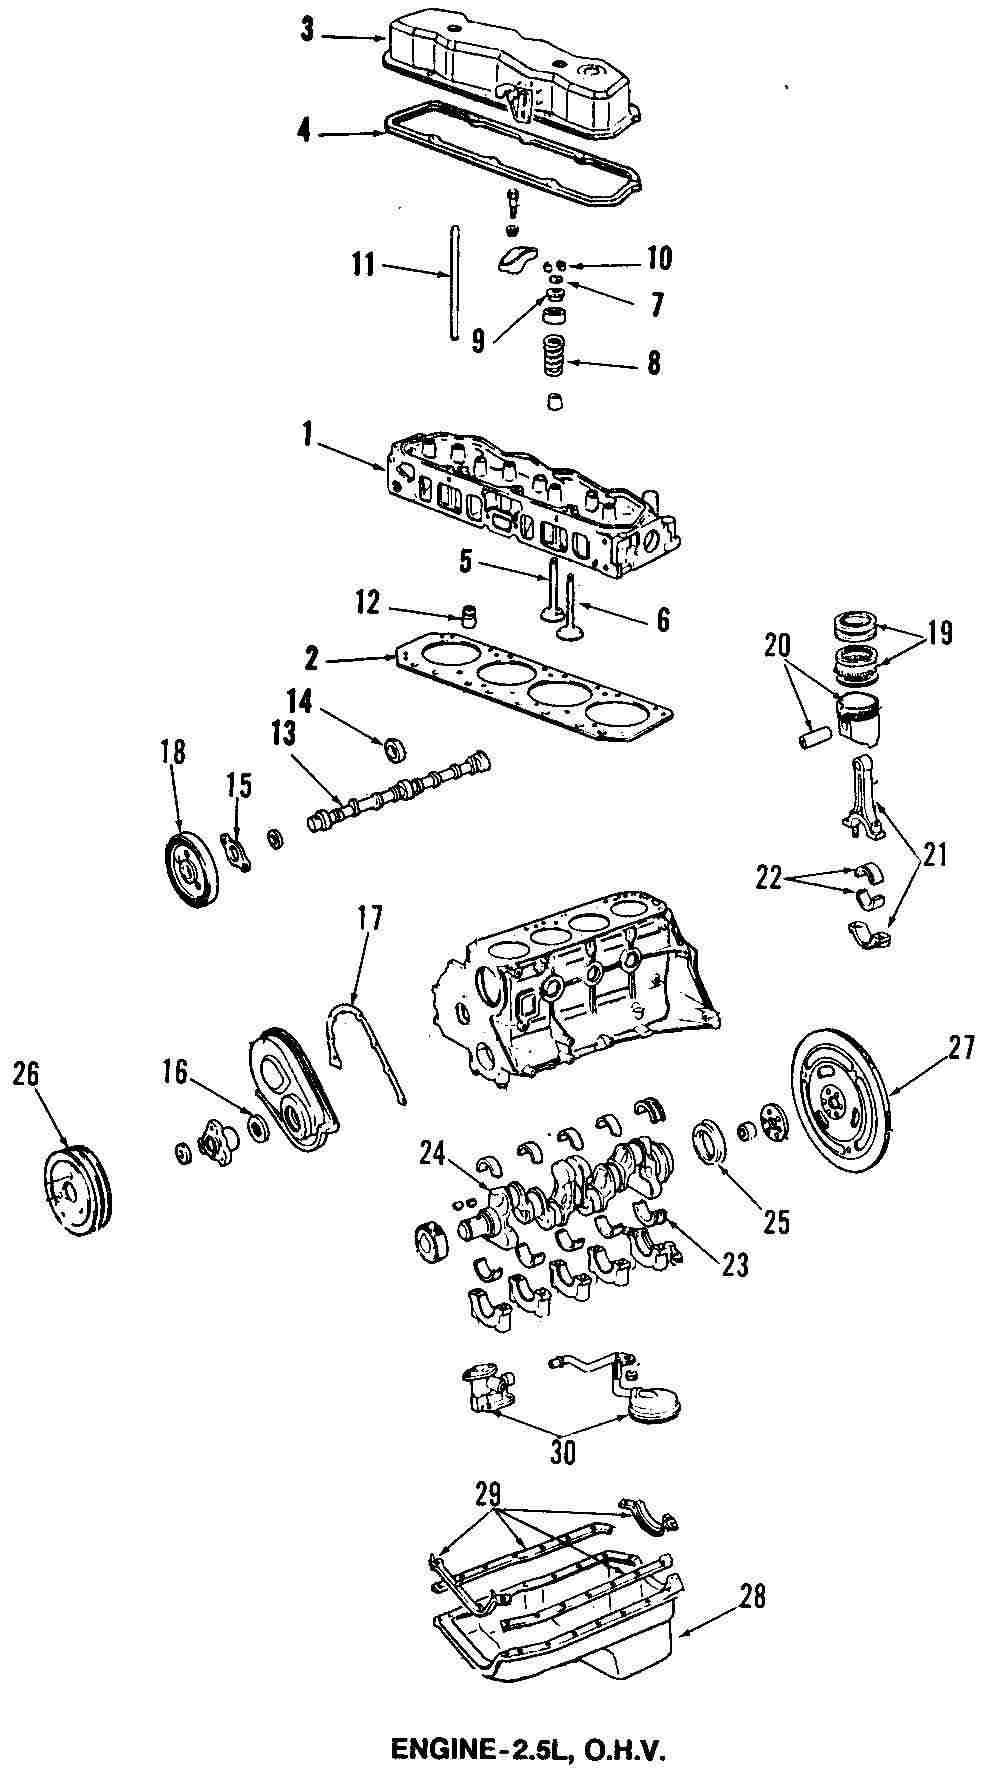 Mopar Direct Parts Dodge Chrysler Jeep Ram Wholesale Retail Oldsmobile 3 5l Engine Diagram Genuine Valve Grind Gasket Kit Old 12506941